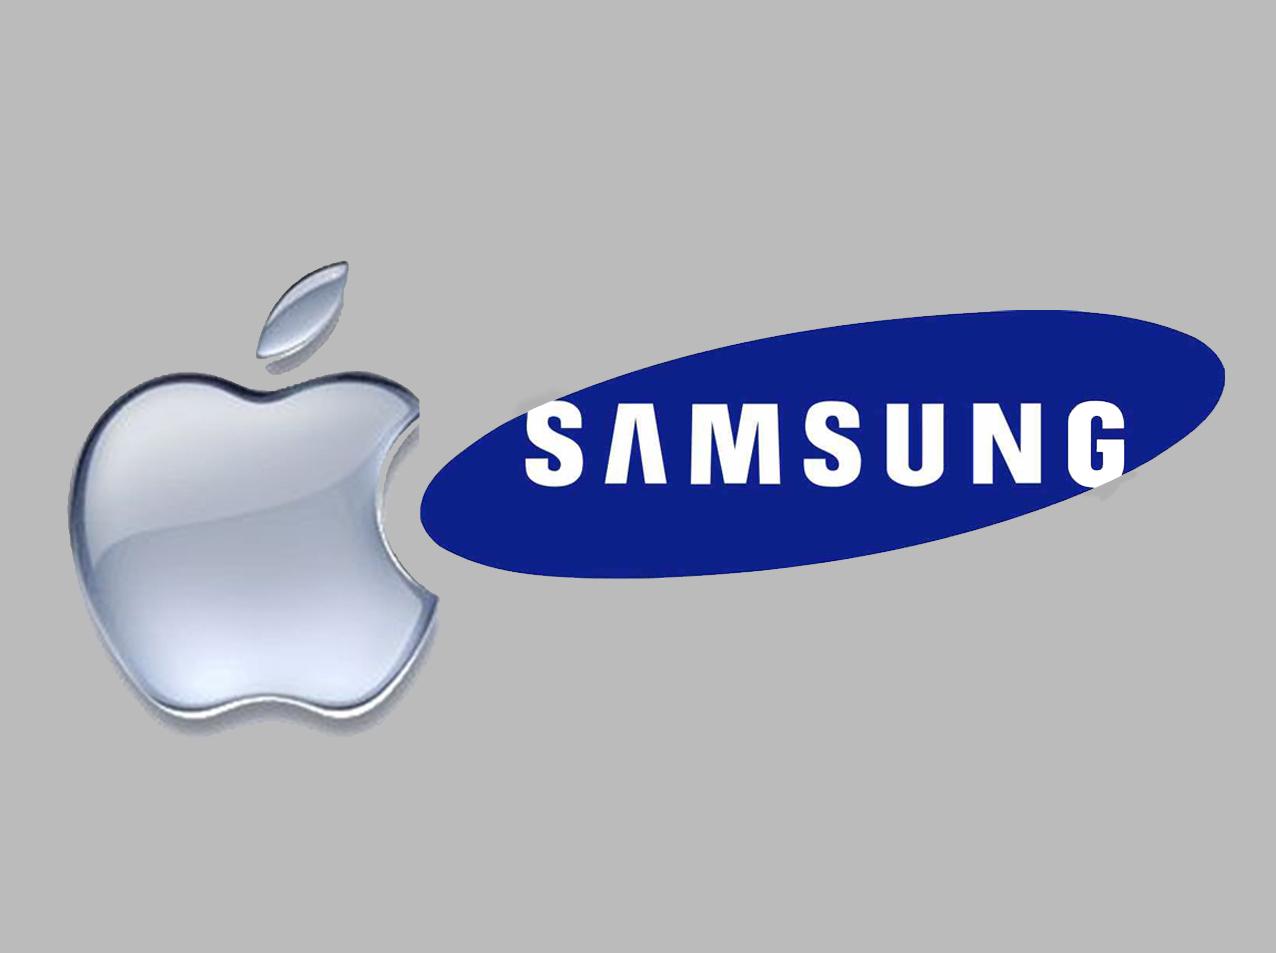 http://www.applerumors.it/wp-content/uploads/2013/02/Apple-vs-Samsung.jpg